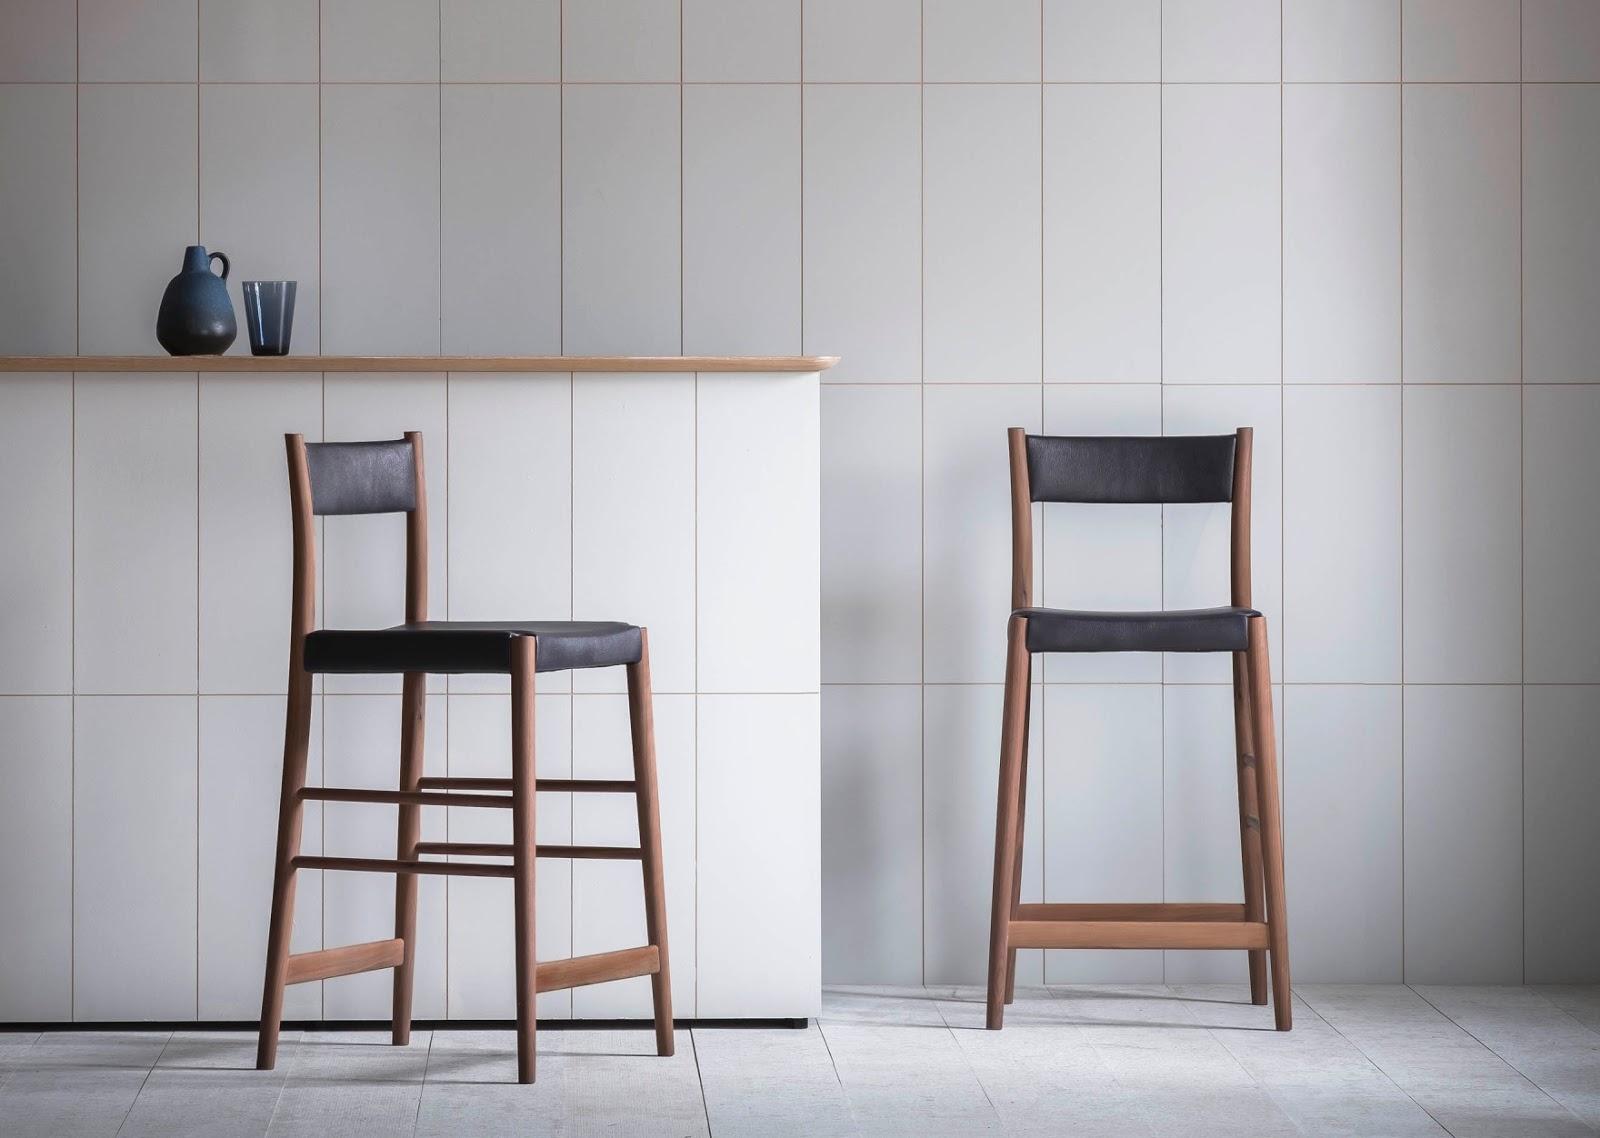 Pinch design chair